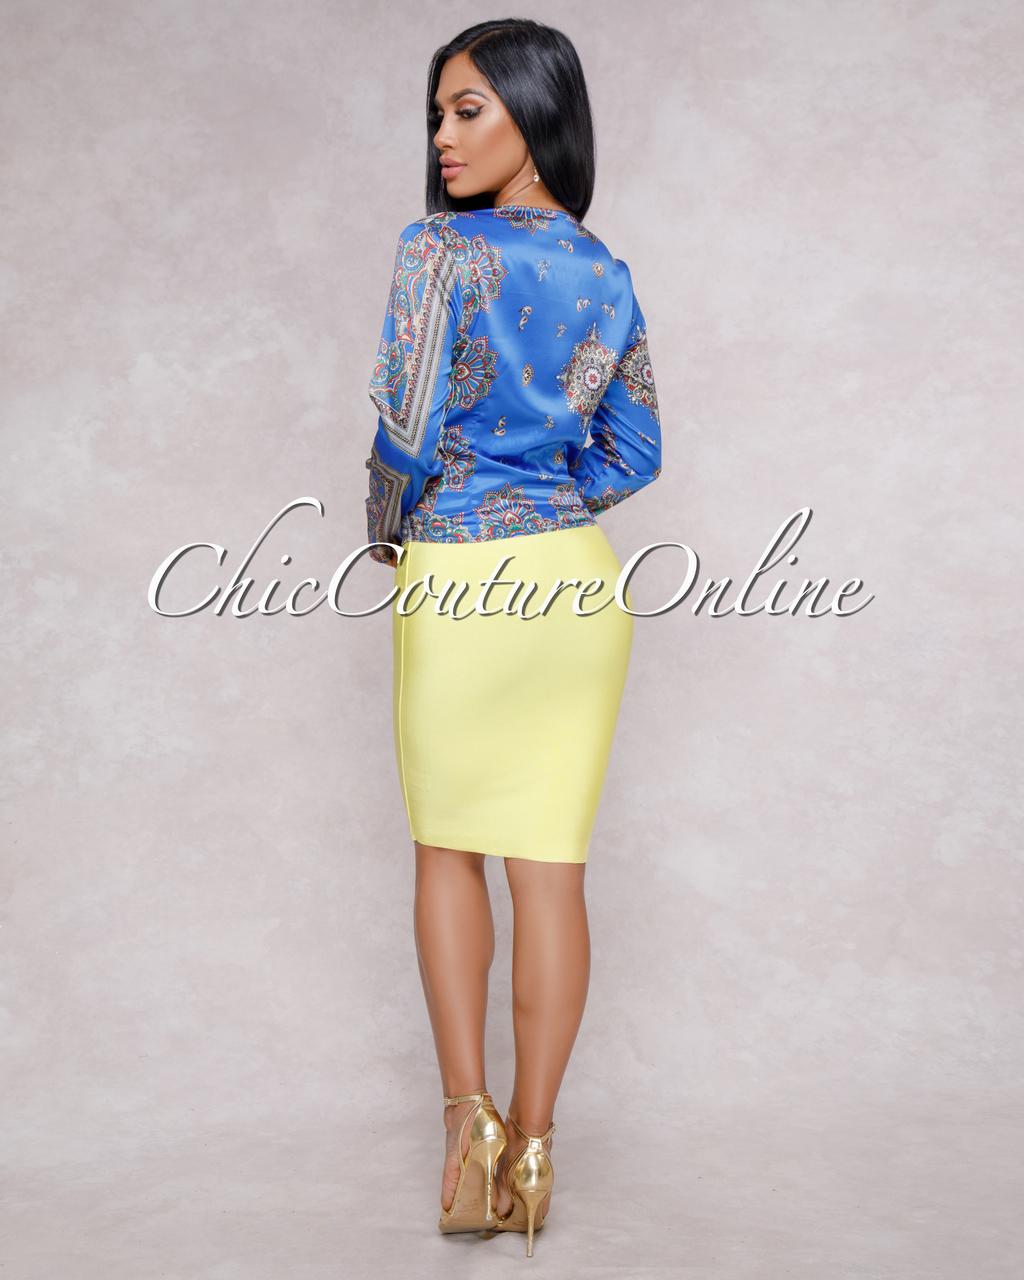 Joules Royal Blue Multi-Color Paisley Print Tie-Front Blouse